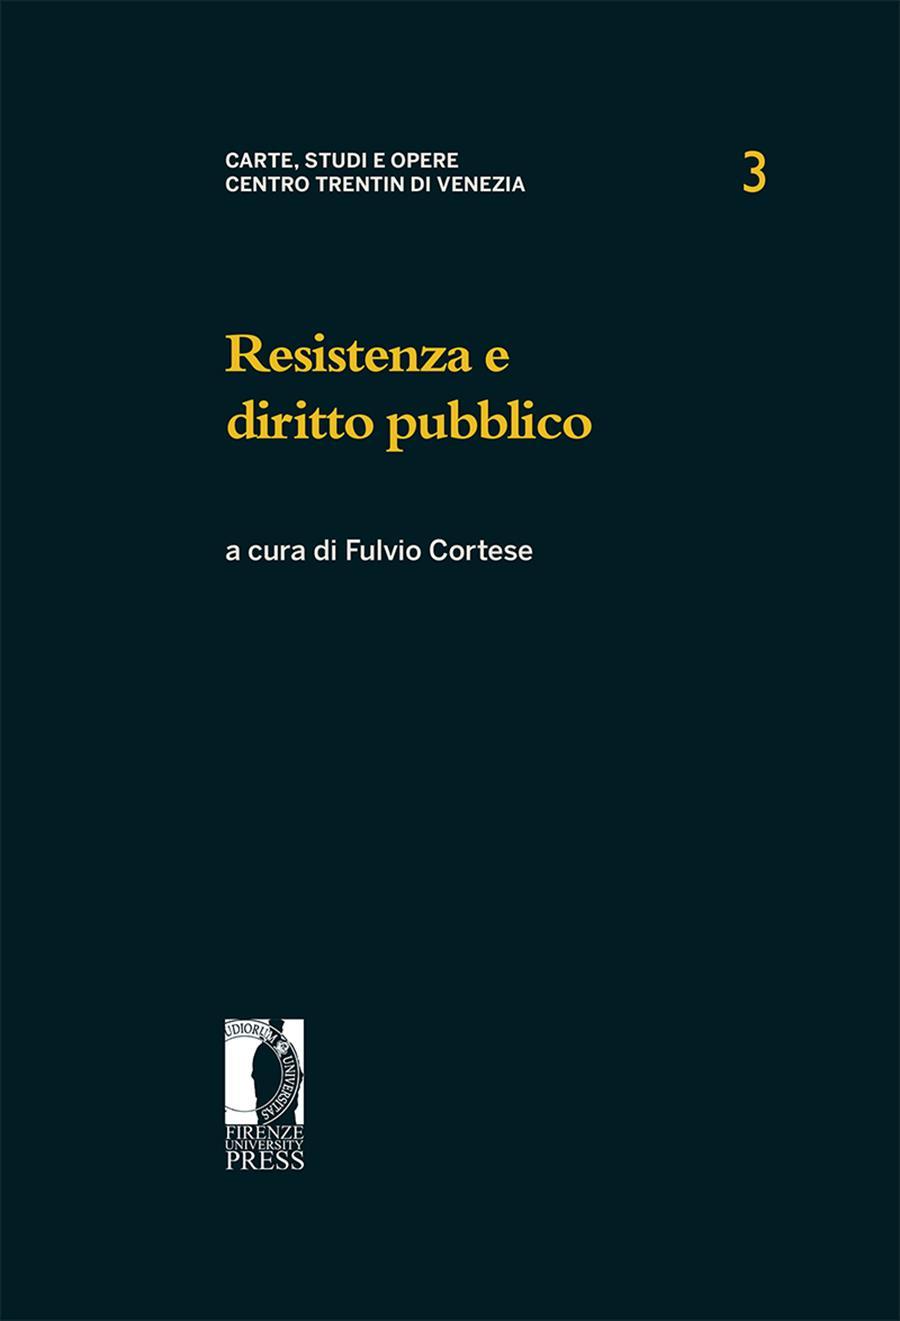 Resistenza e diritto pubblico